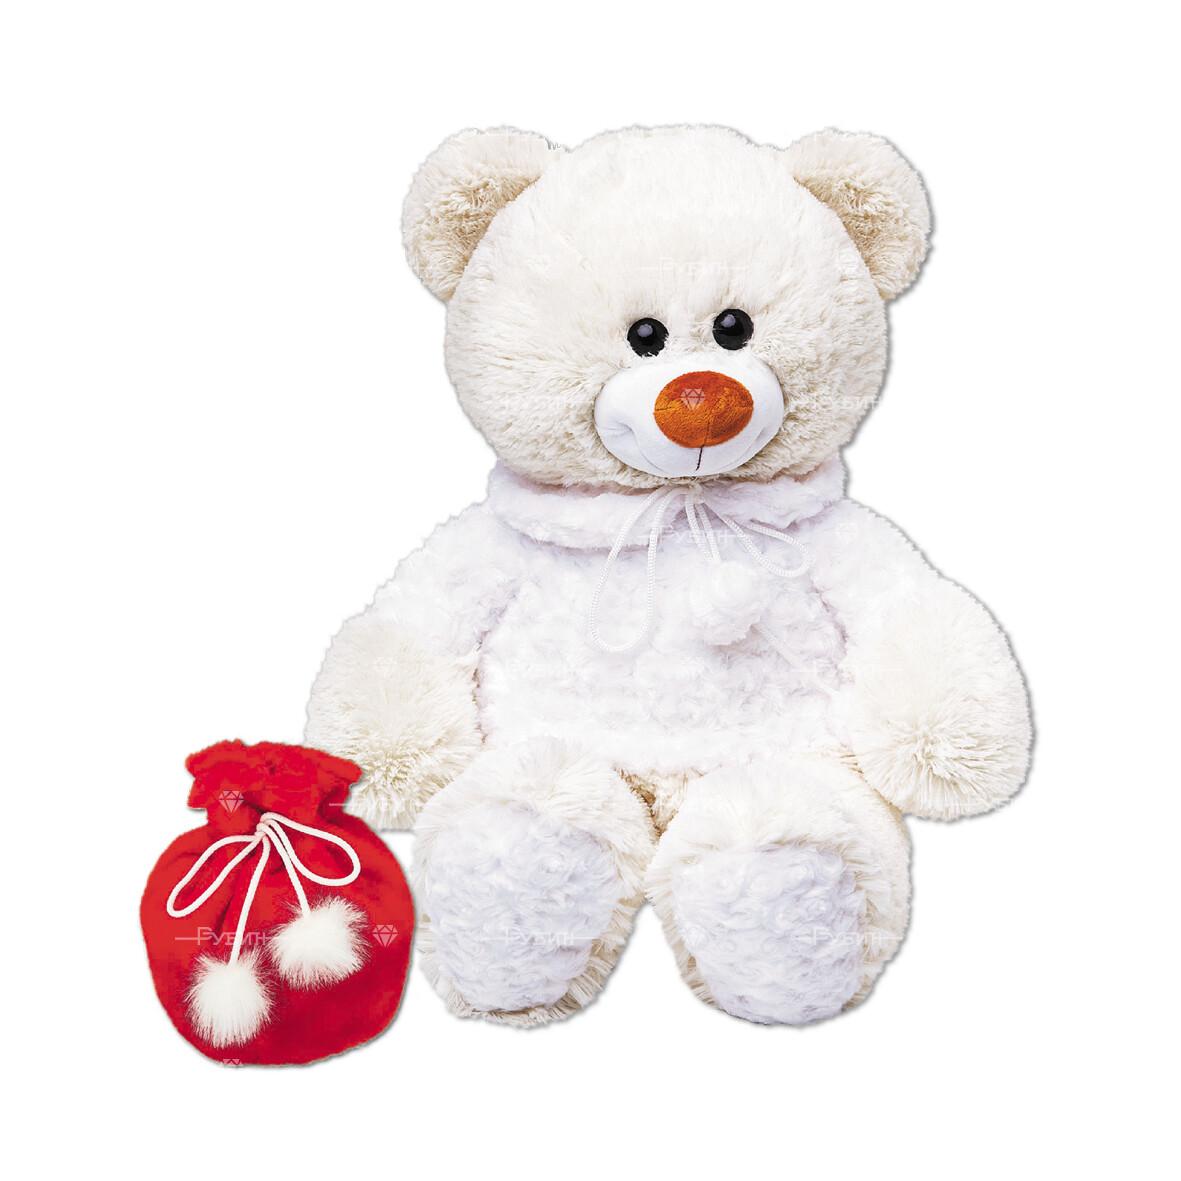 Сладкий новогодний подарок Мишка